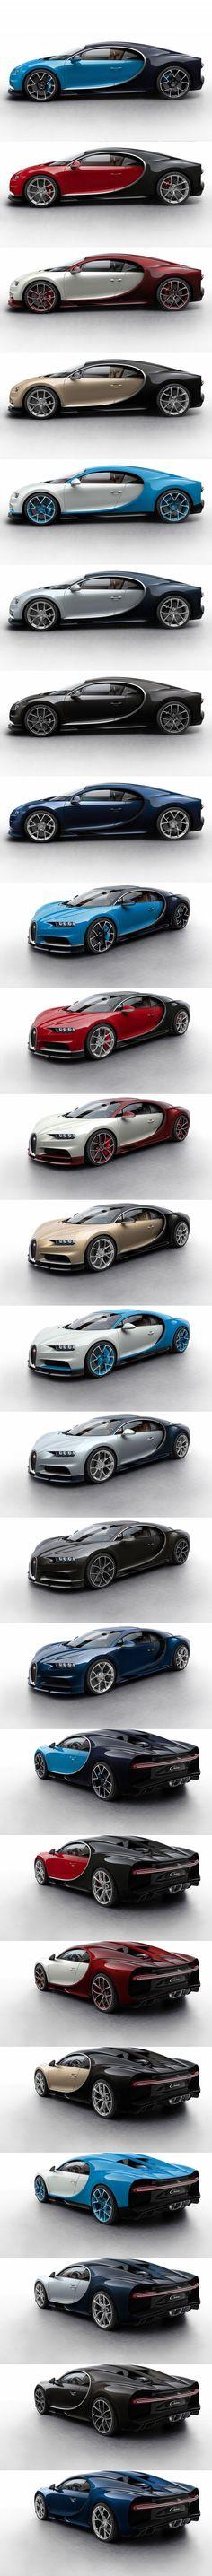 2016 Bugatti Chiron configurator / France / blue red black white brown silver